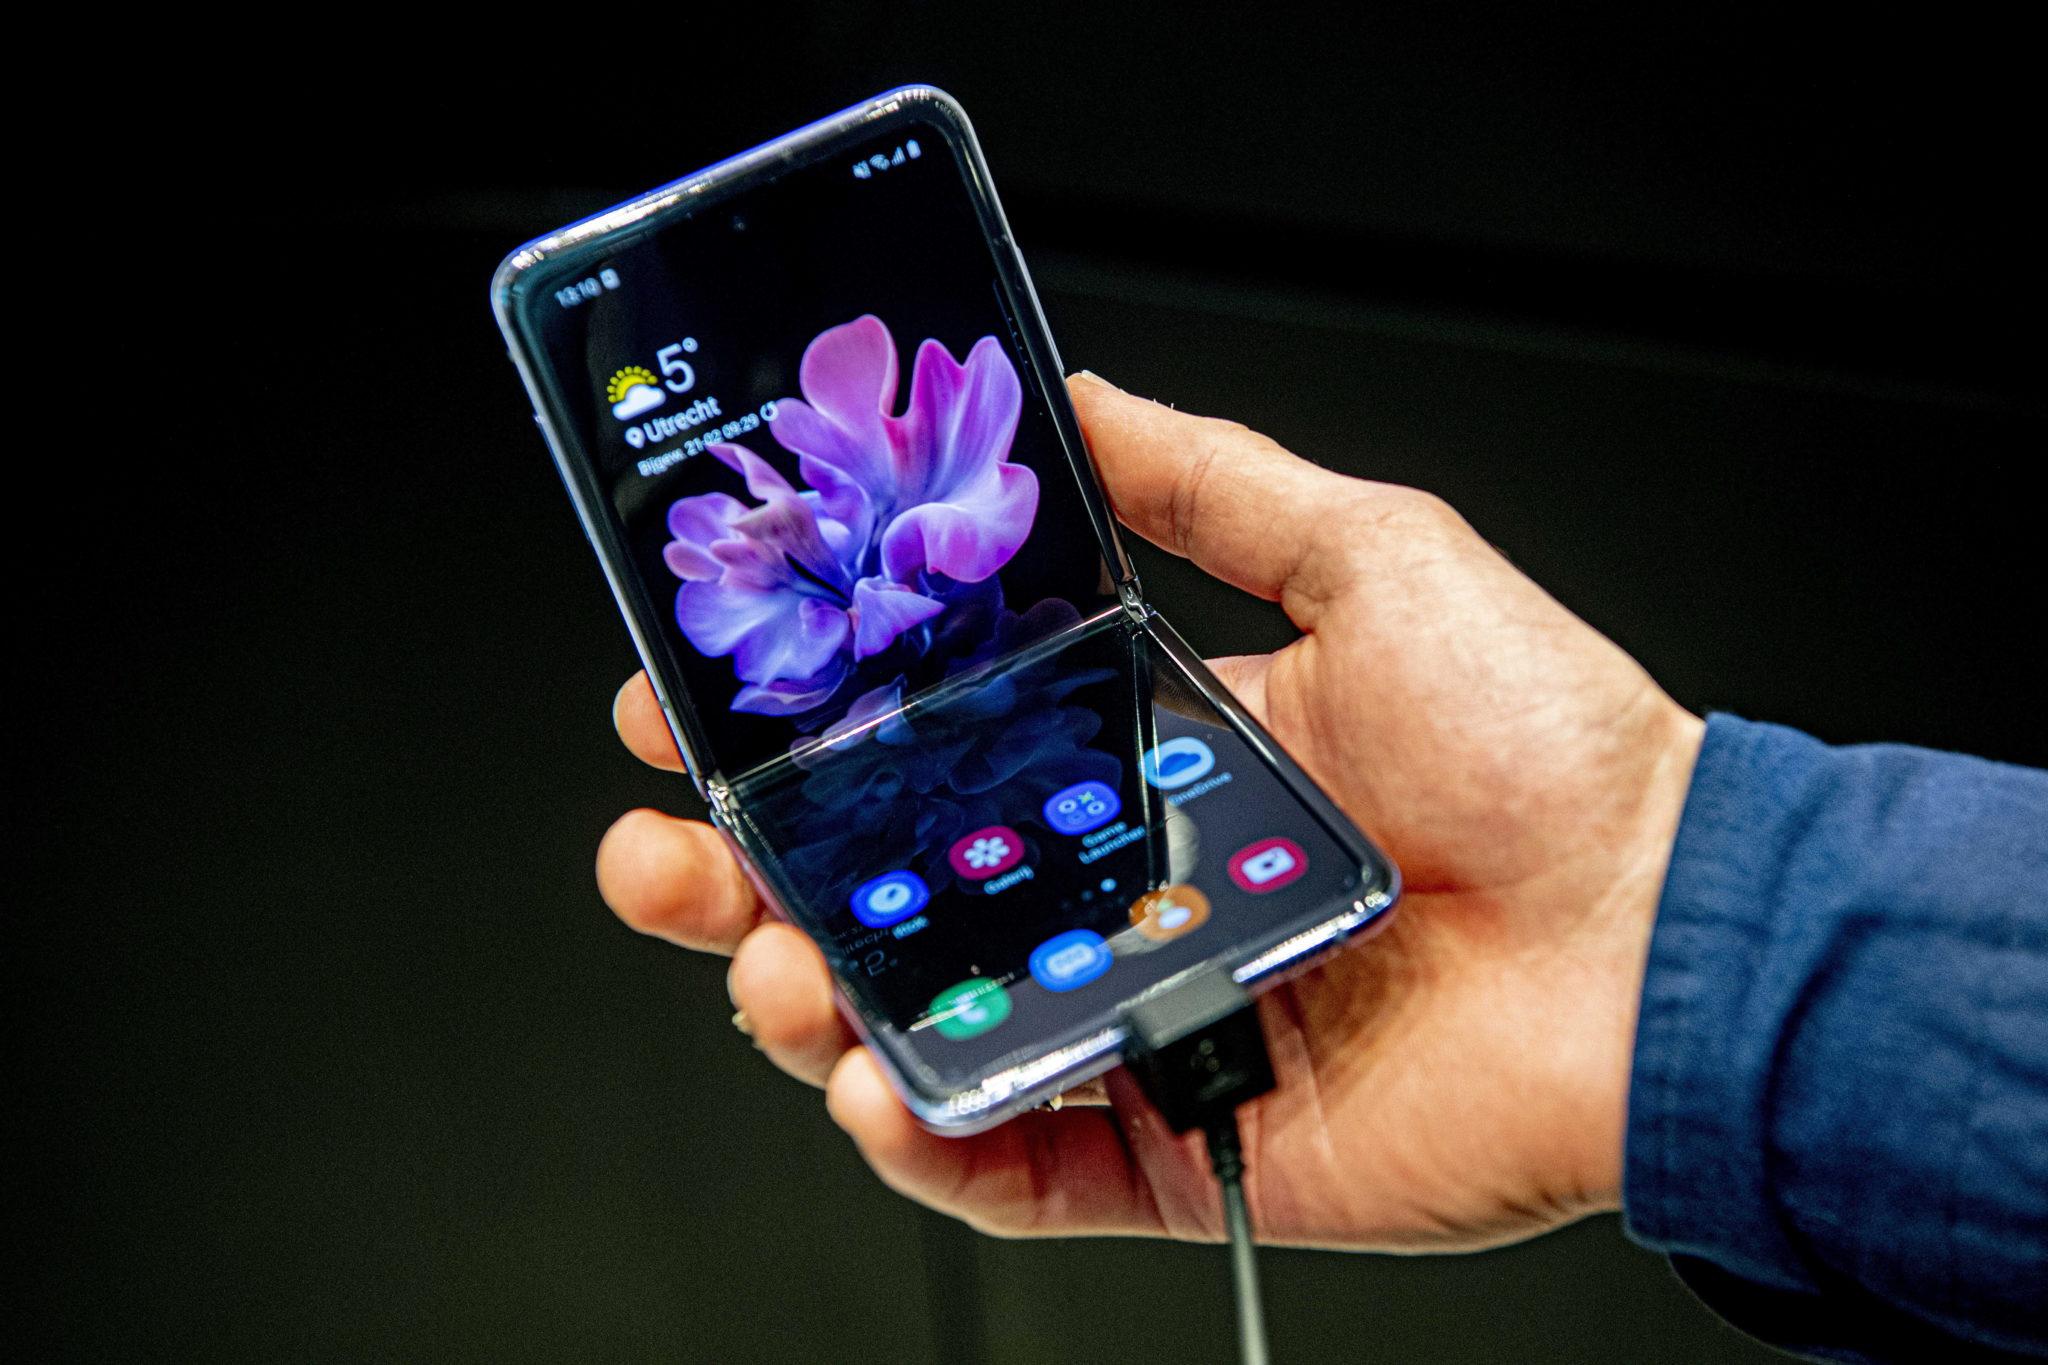 Prezentacja ultraalekkiego, elastycznego telefonu Samsung w Holandii. fot. EPA/ROBIN UTRECHT